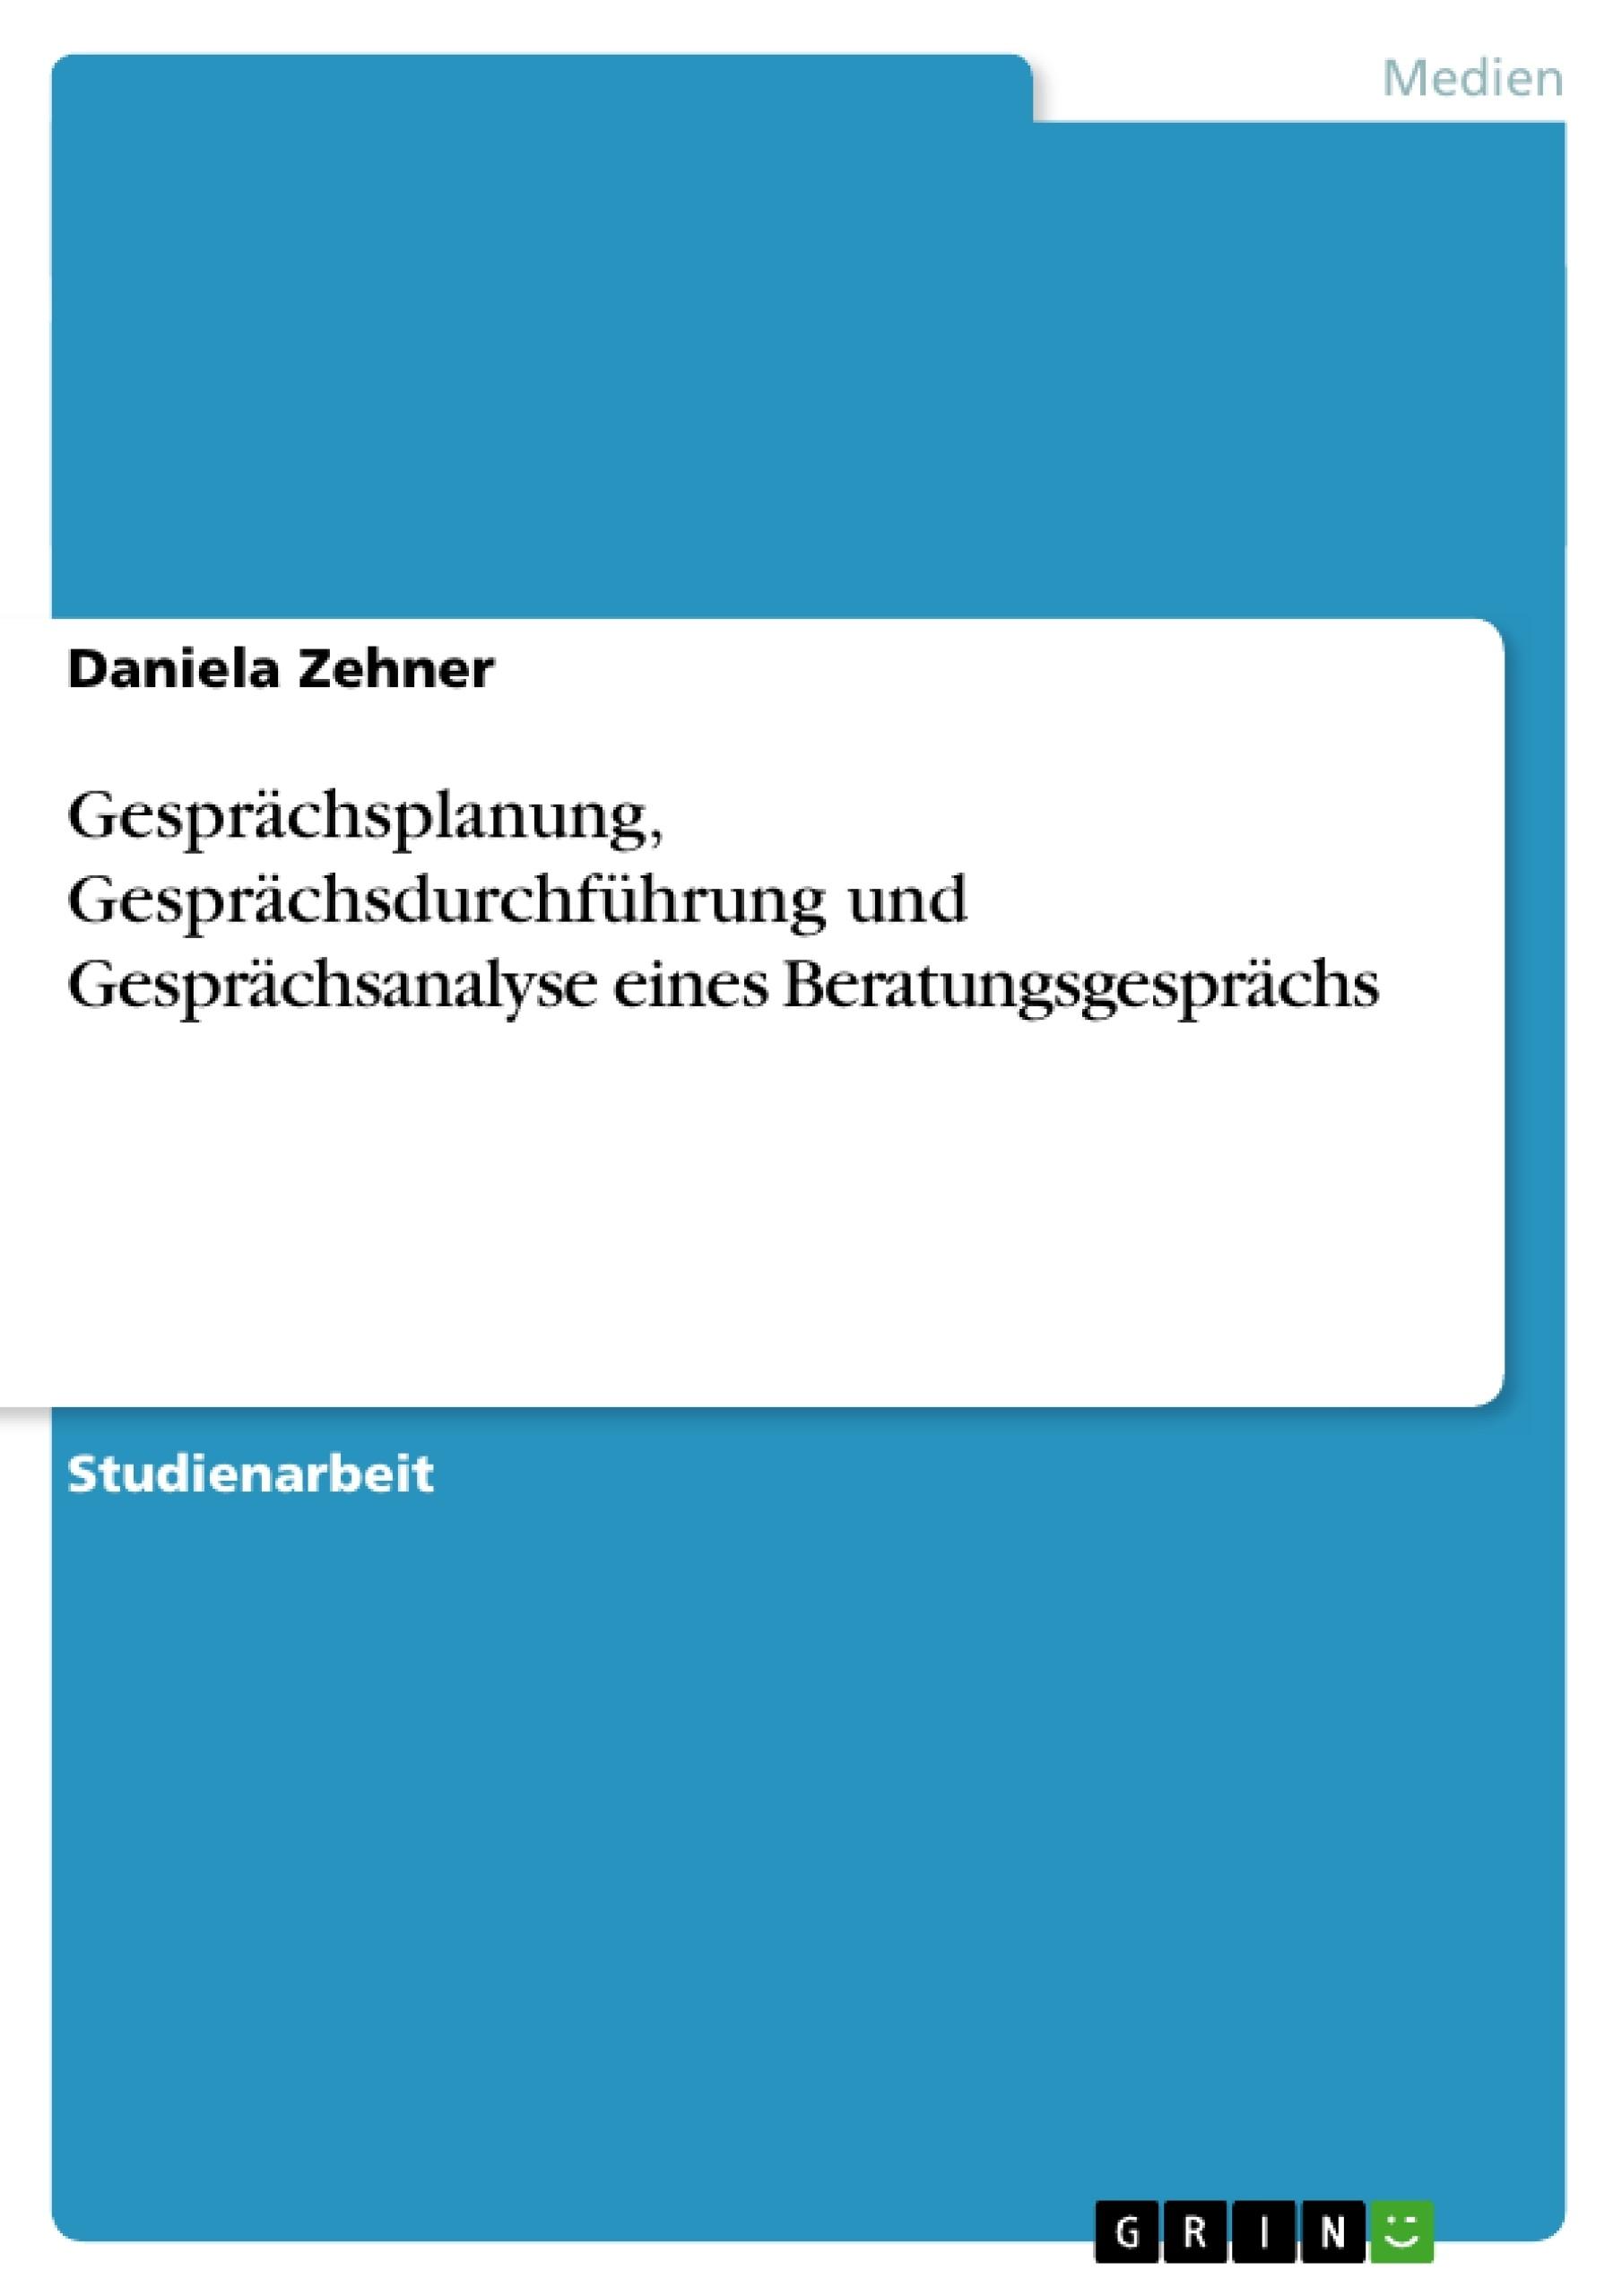 Titel: Gesprächsplanung, Gesprächsdurchführung und Gesprächsanalyse eines Beratungsgesprächs